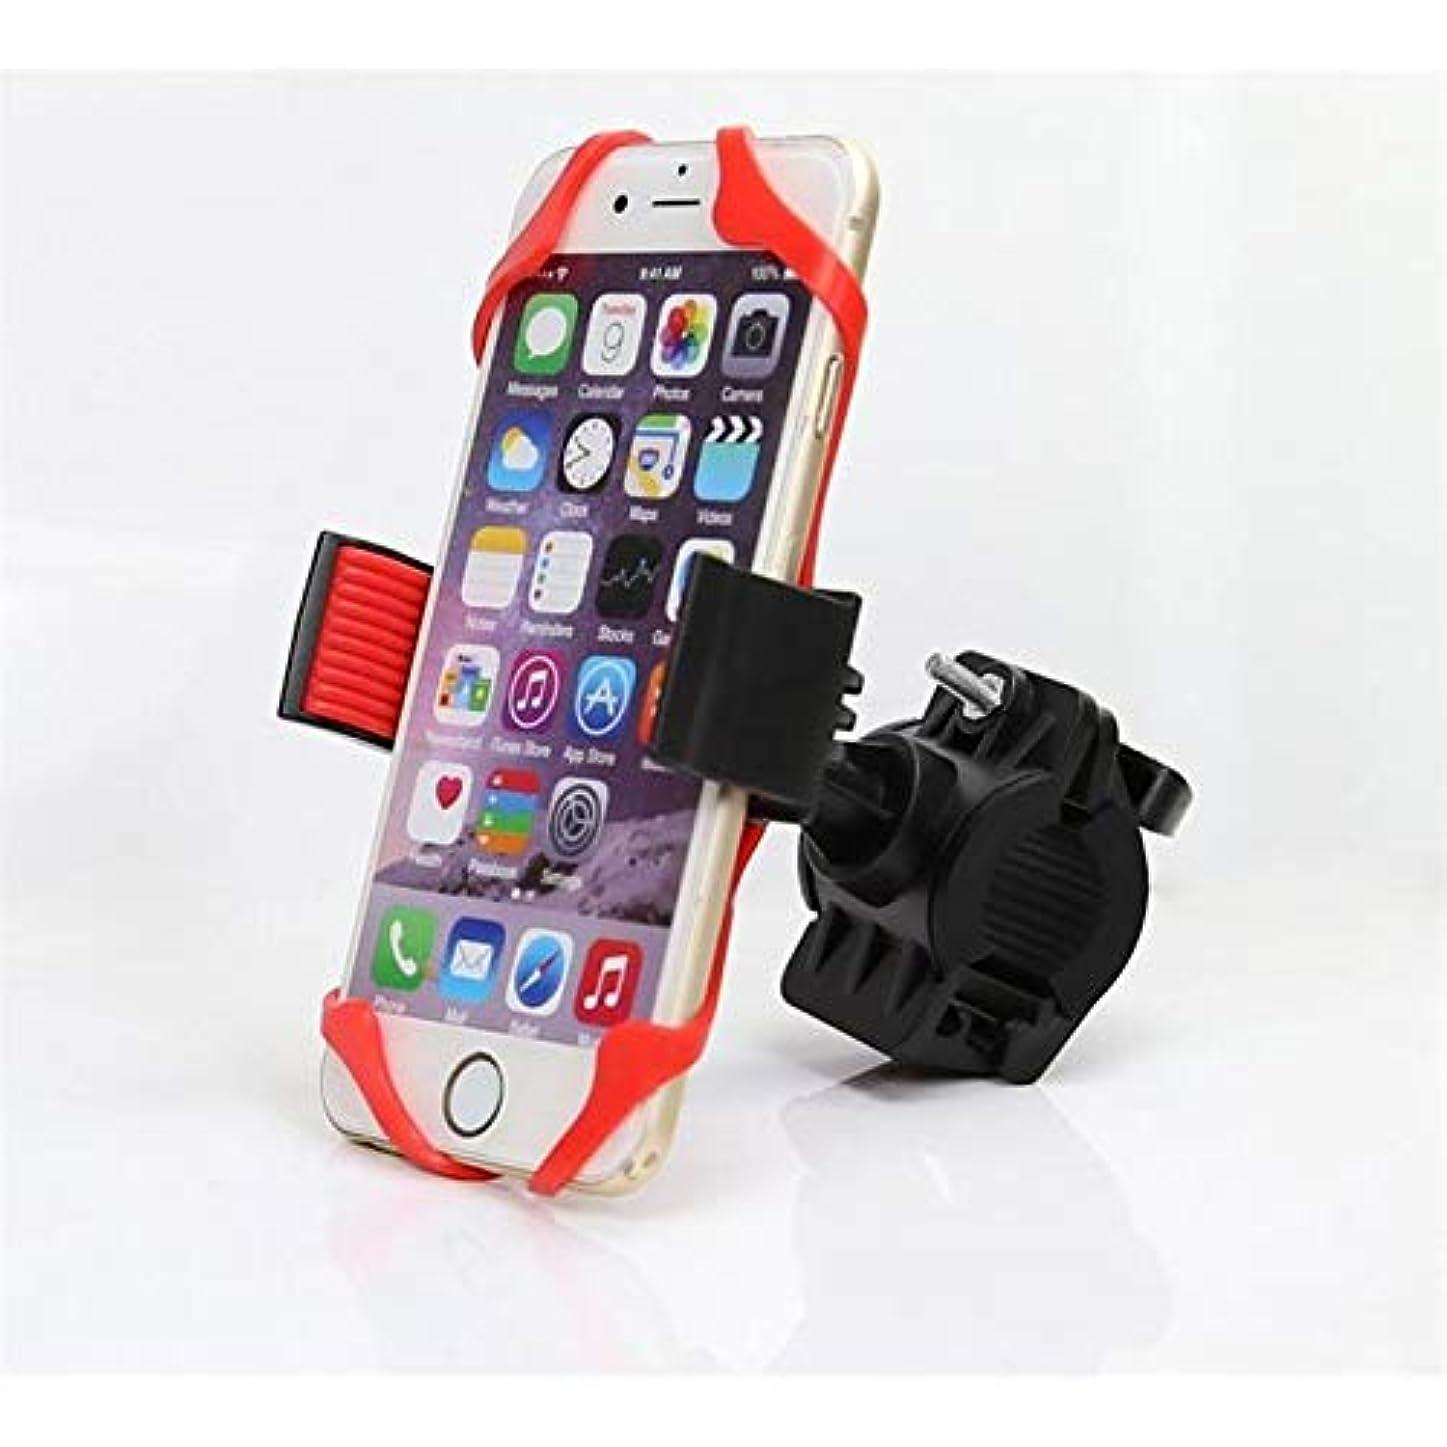 クロススチュワーデス衣類Jicorzo - iPhoneの小米科技GPSユニバーサル用シリコーン360度回転可能でバイク自転車オートバイハンドルマウントホルダー携帯電話ホルダー